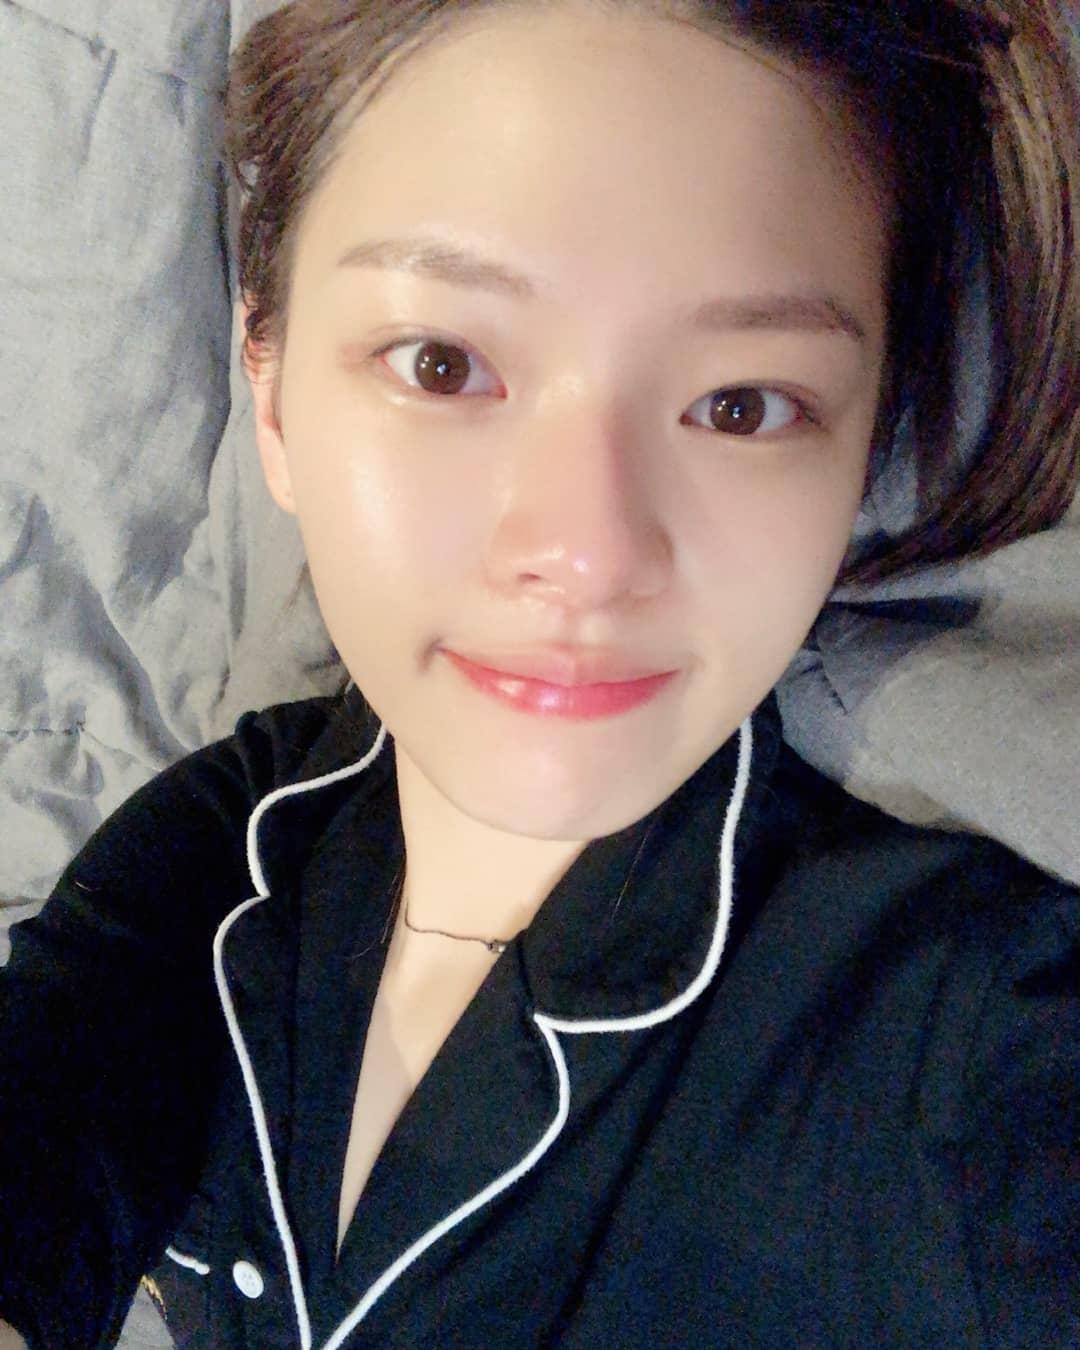 影/盤點TWICE成員「完全零妝容」的真實素顔 SANA「只差眉毛」子瑜皮膚超好!